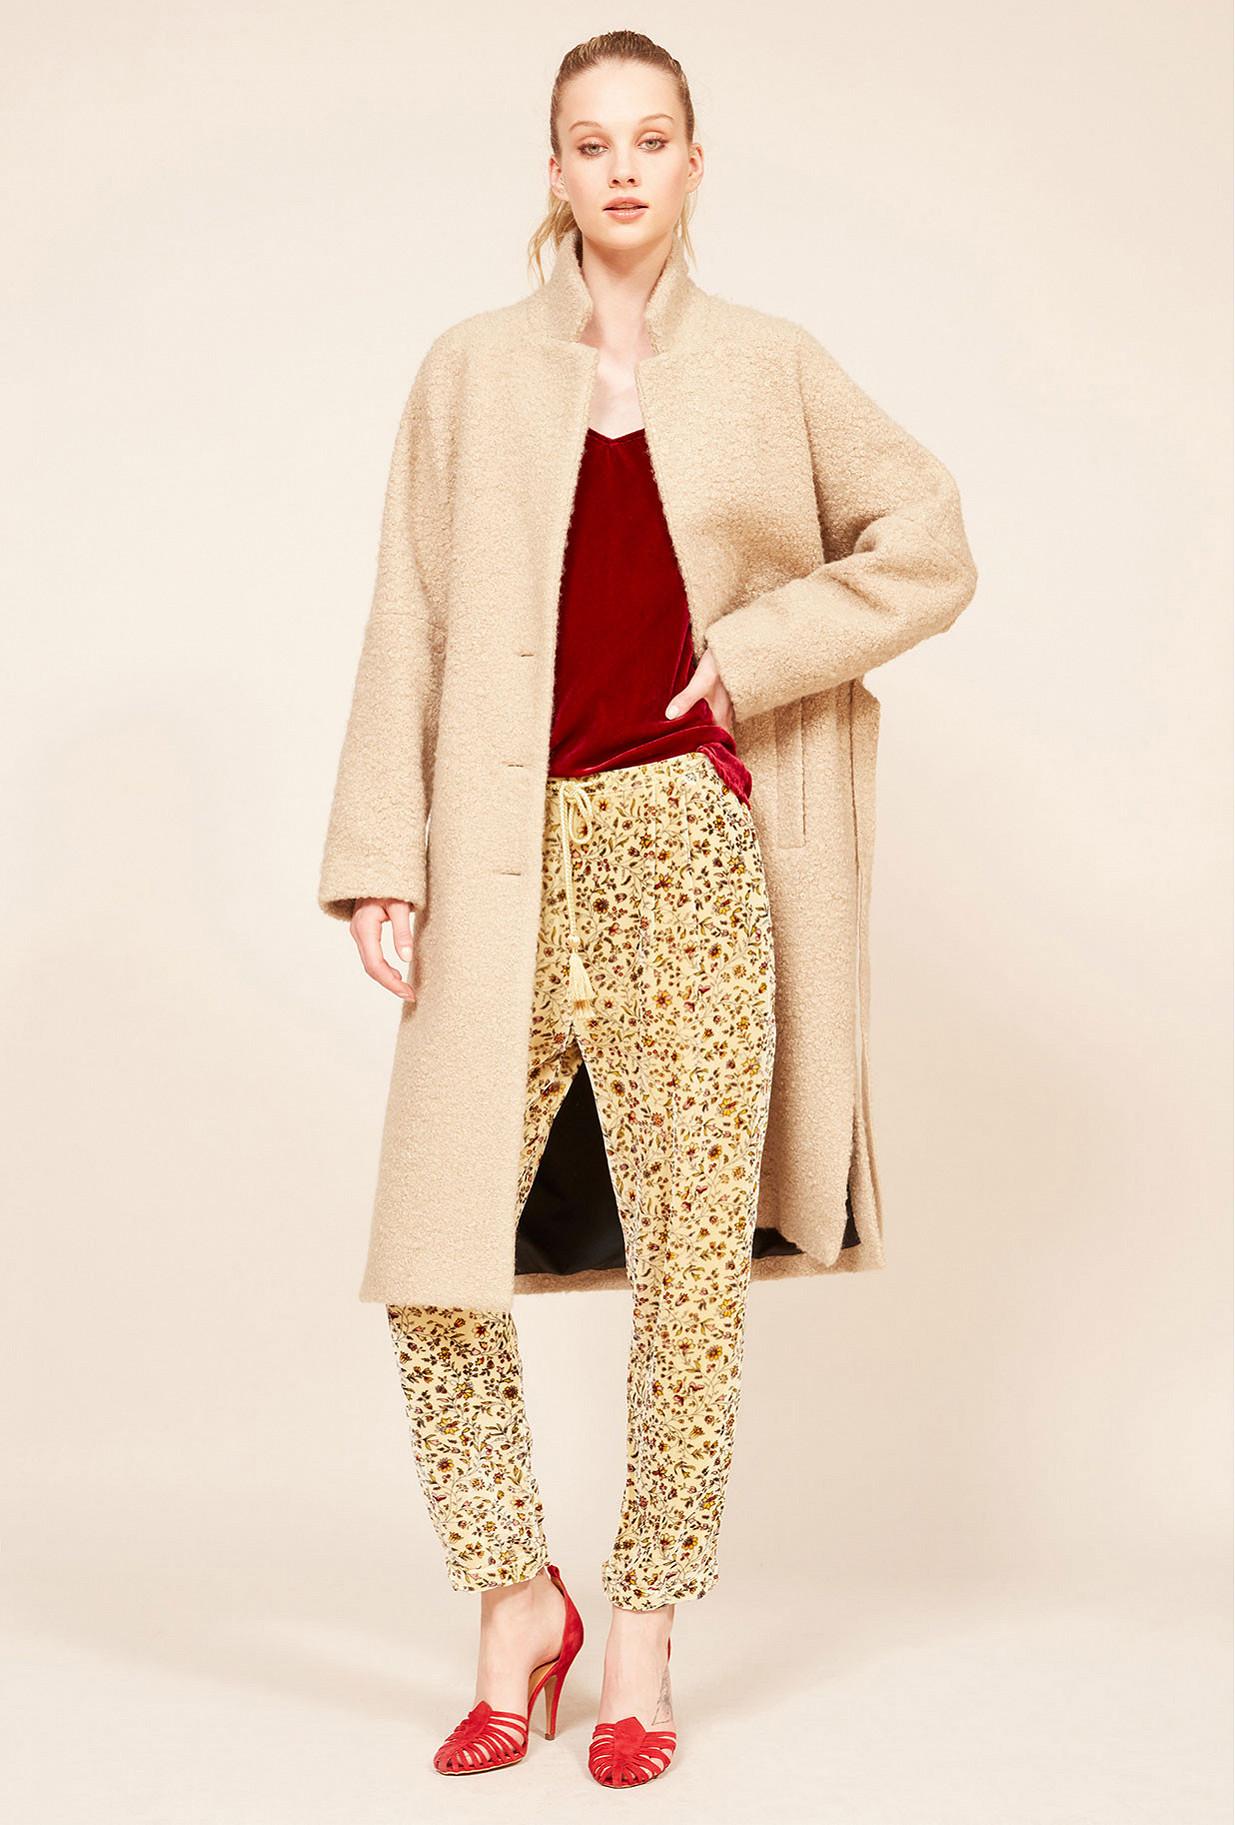 Paris boutique de mode vêtement Manteau créateur bohème  Warren